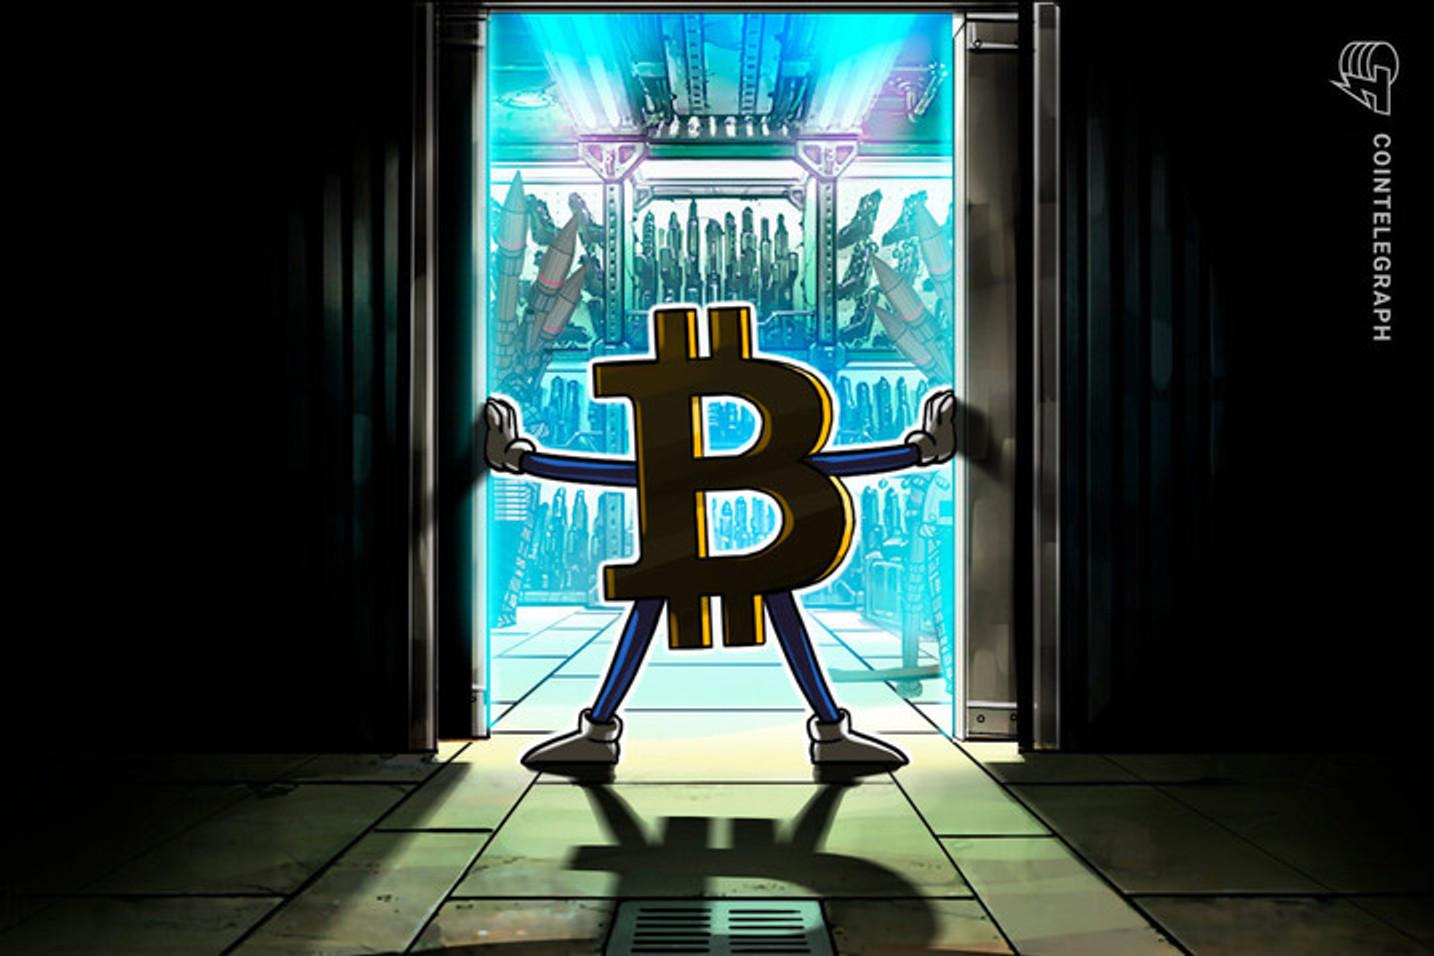 イラン 輸入代金支払いに仮想通貨ビットコイン使用を認める=報道